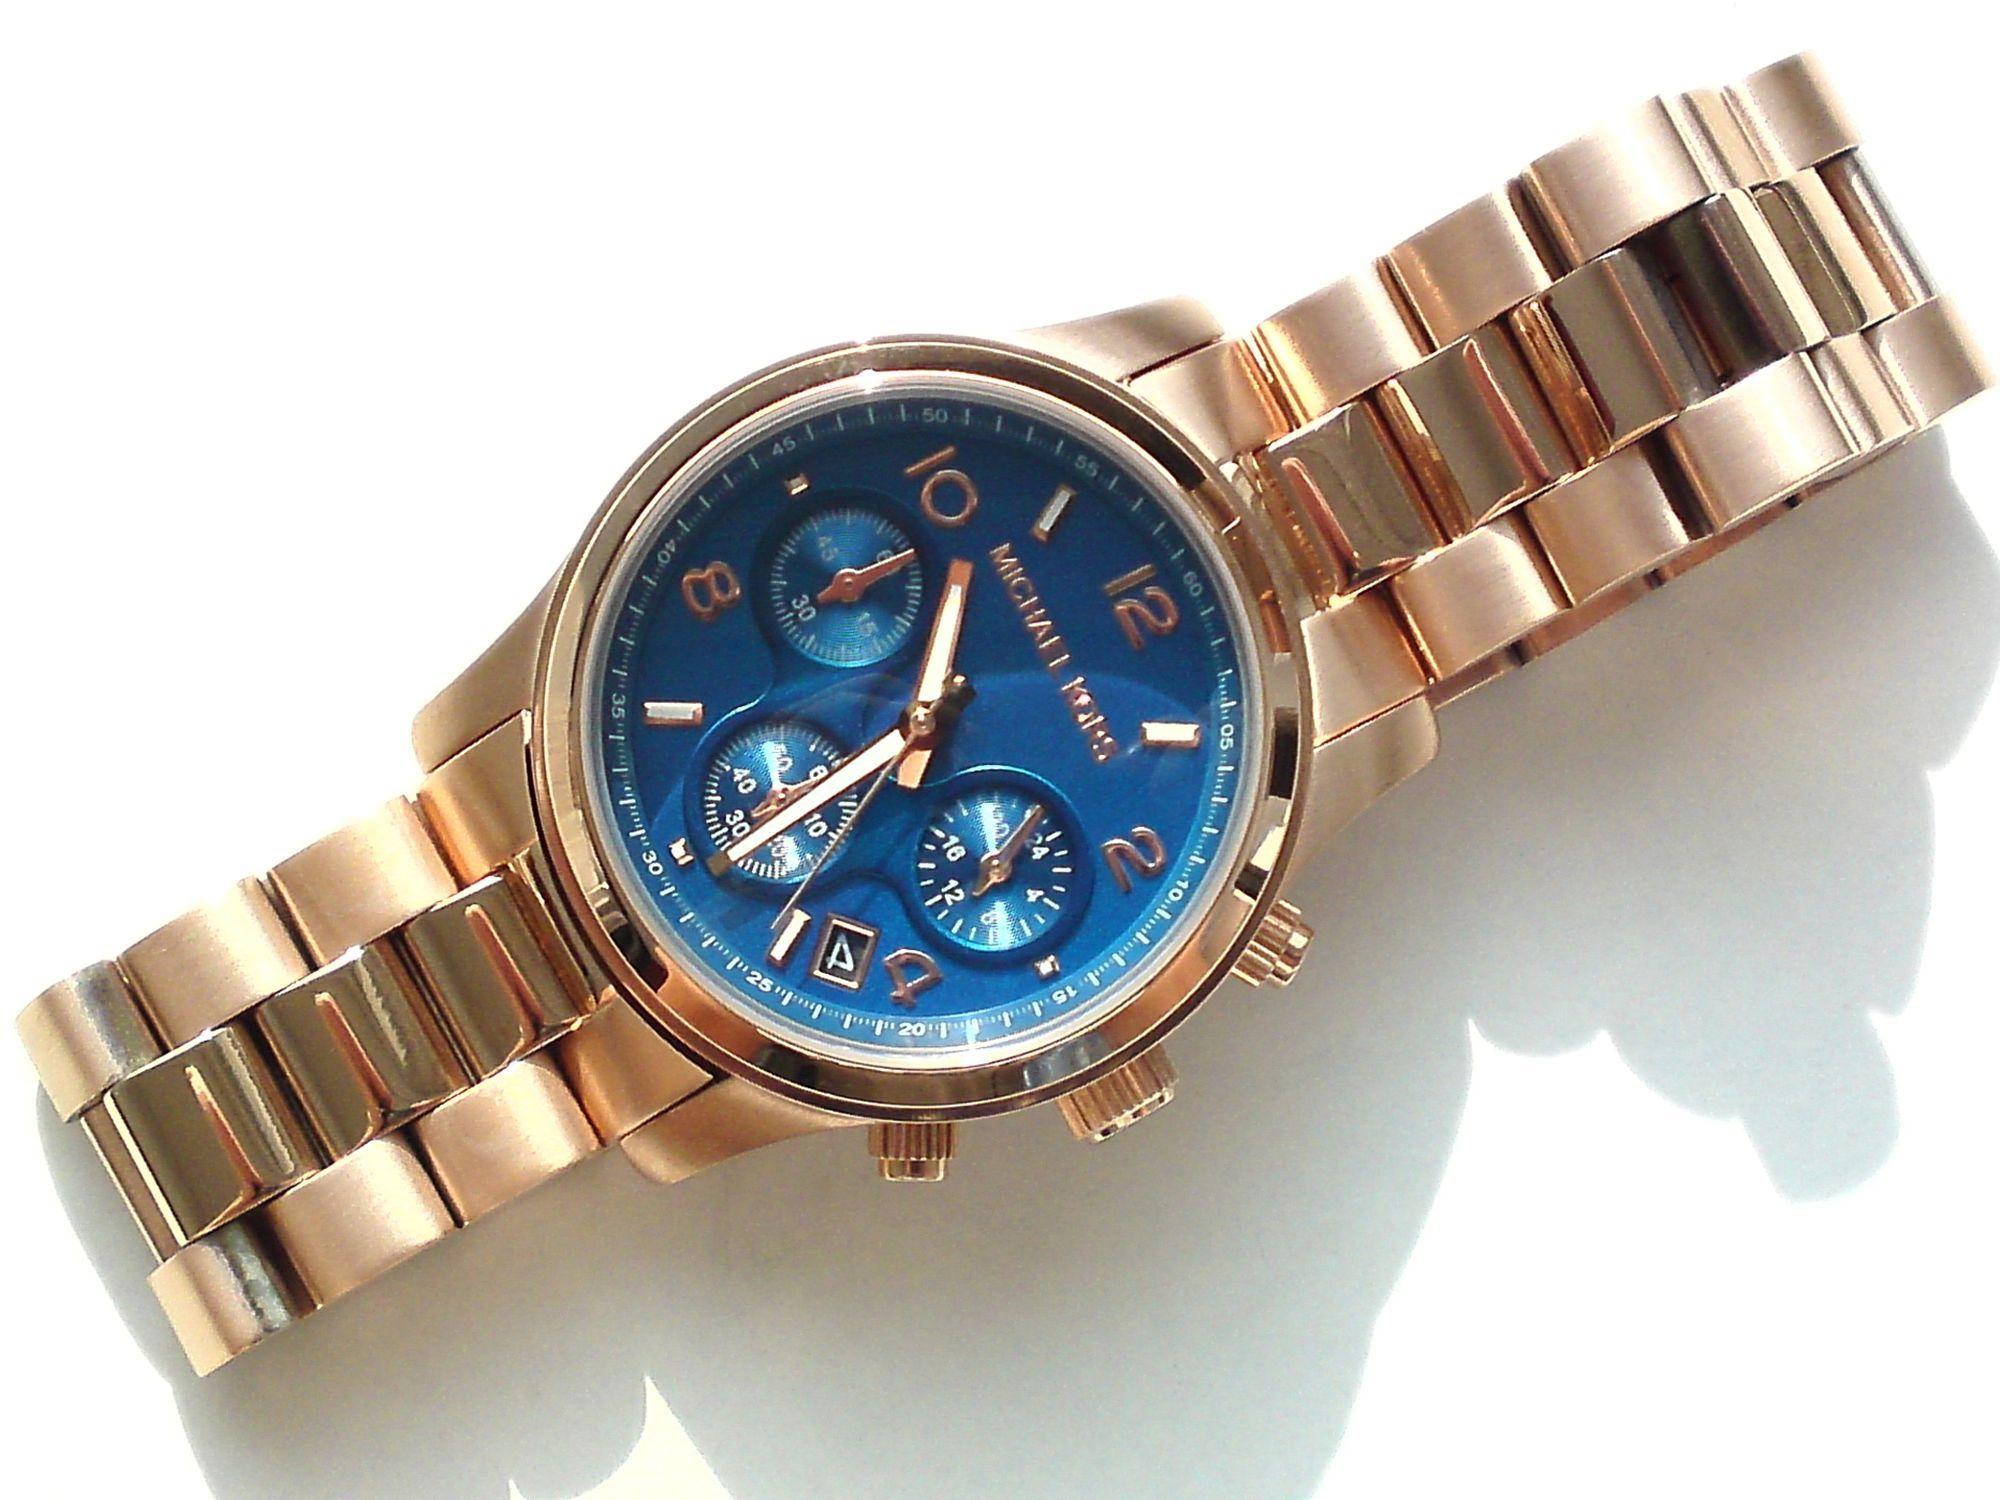 Damenuhren michael kors blau  michael_kors_mk5940_blau_total_front_top.JPG